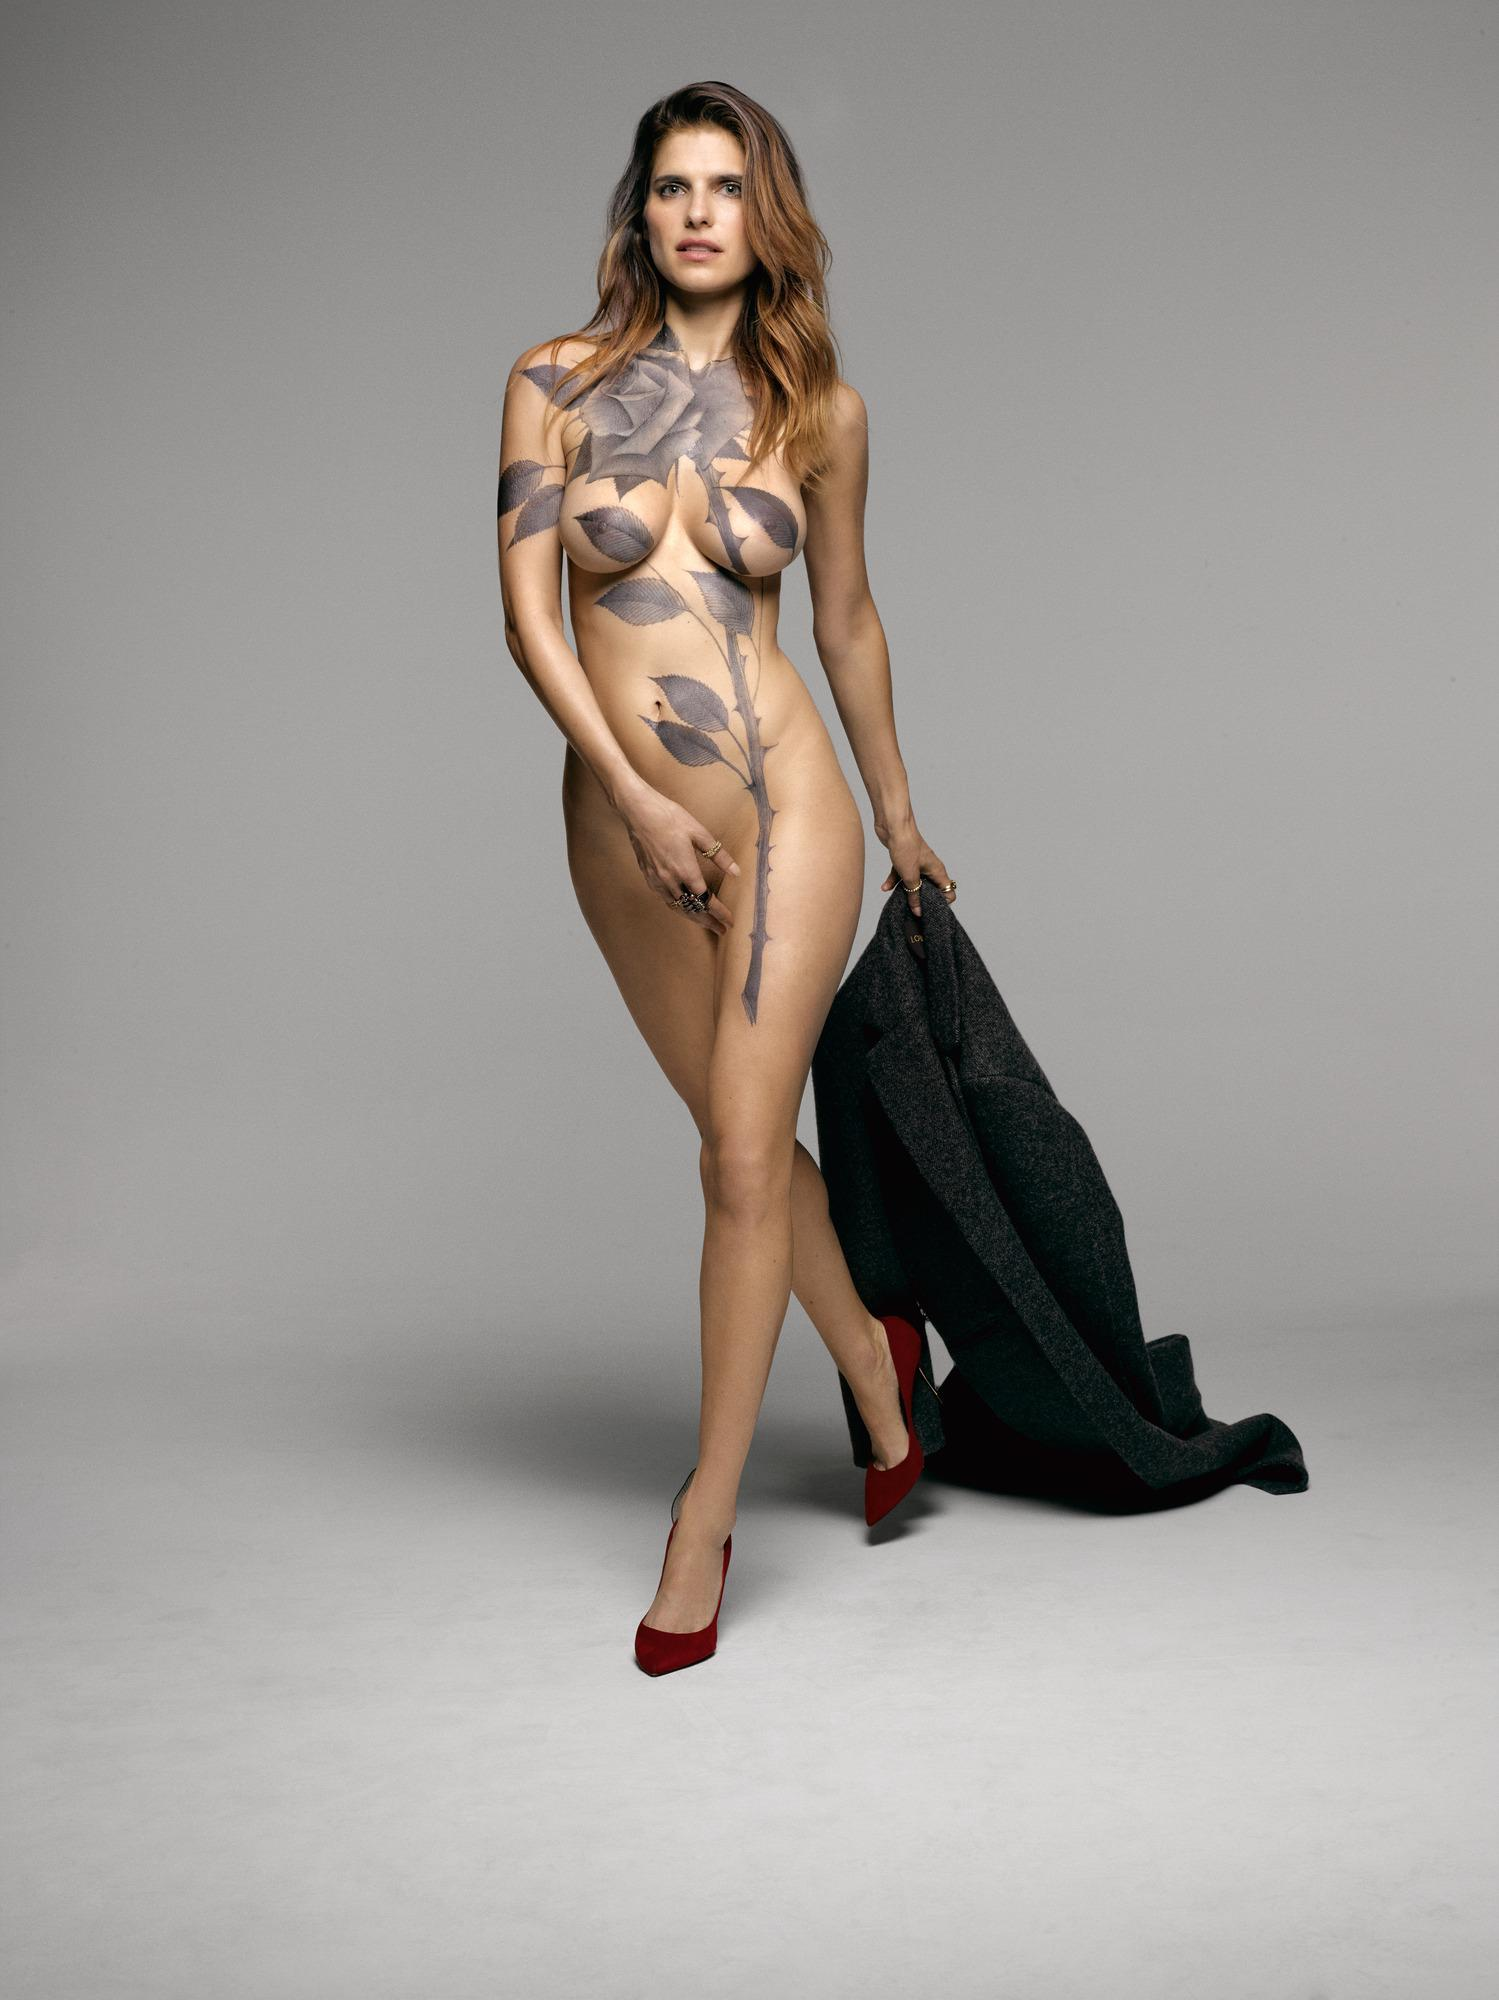 Mayra veronica boobs